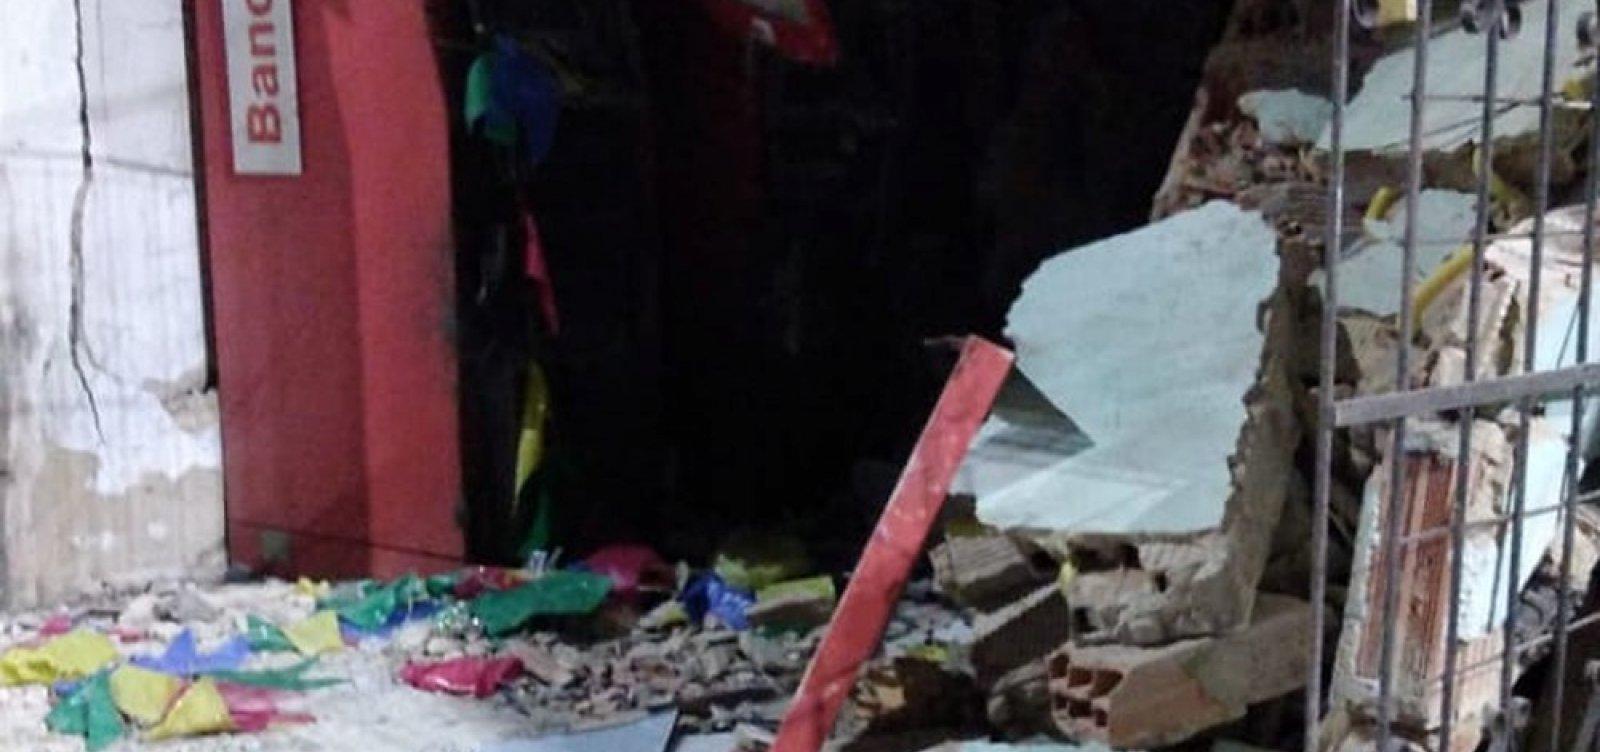 Bandidos explodem caixas eletrônicos em Mussurunga; é o 21º ataque no estado